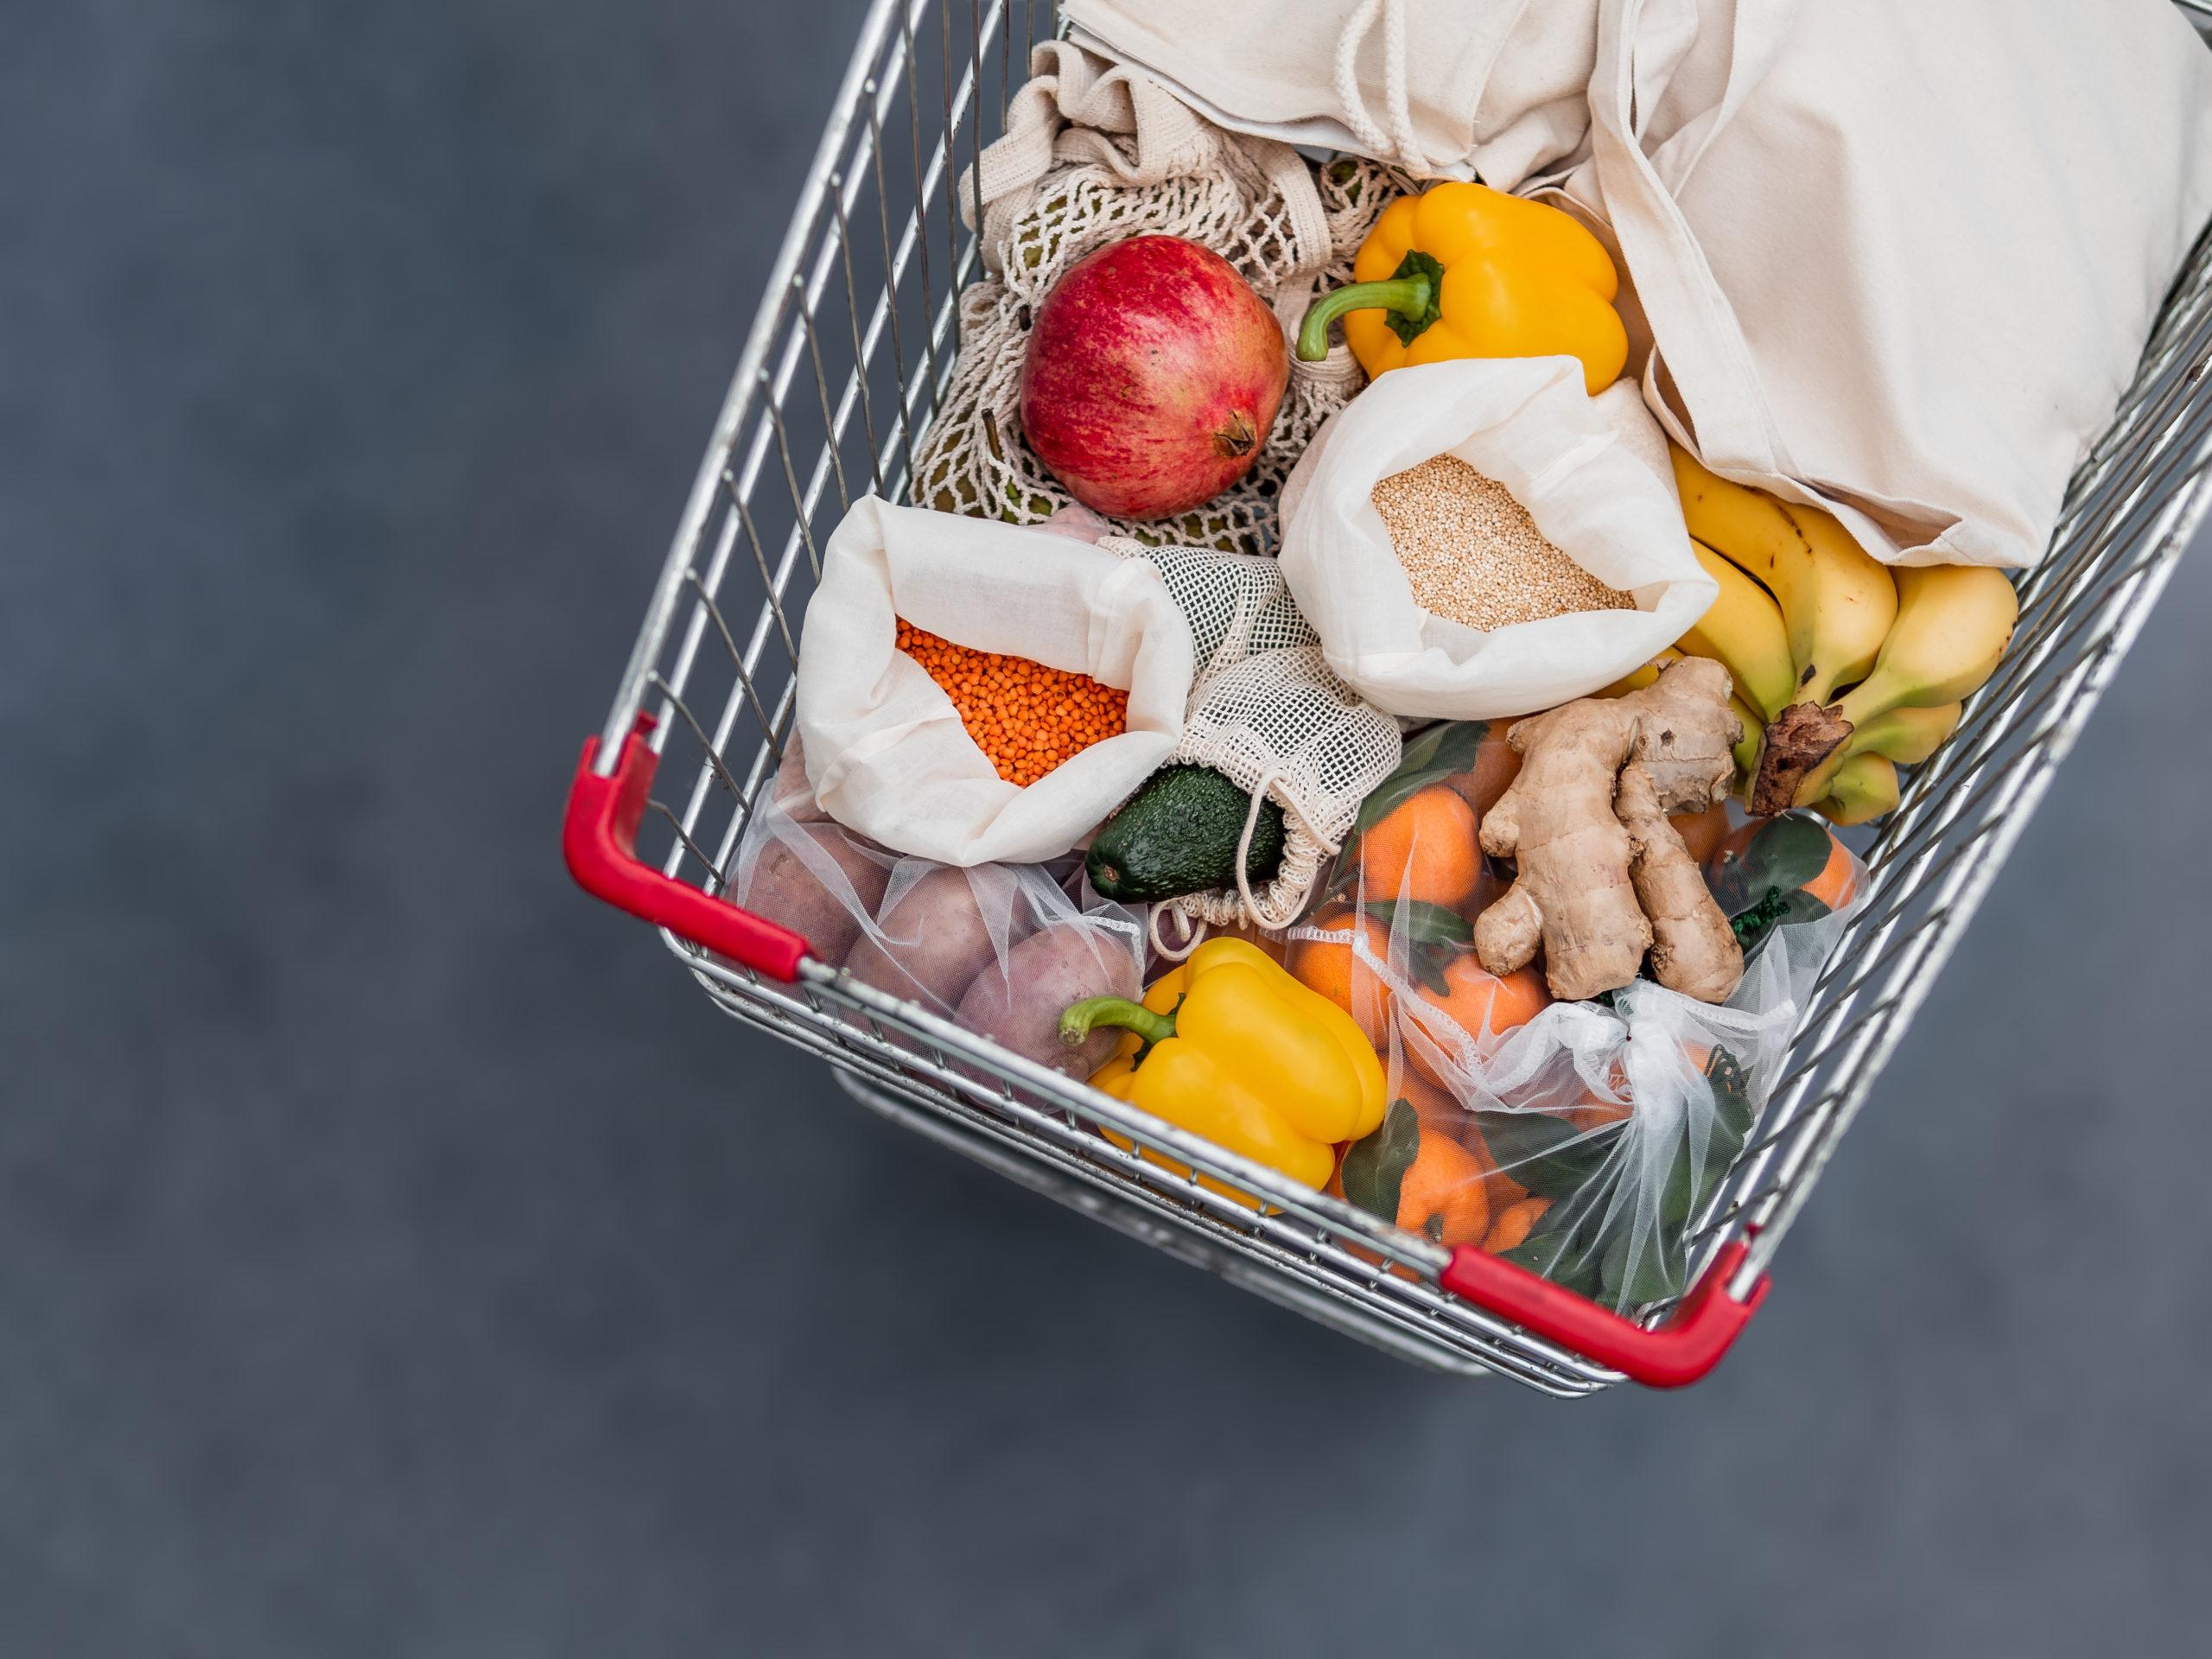 Trendy żywieniowe 2021 - co będą kupować konsumenci?